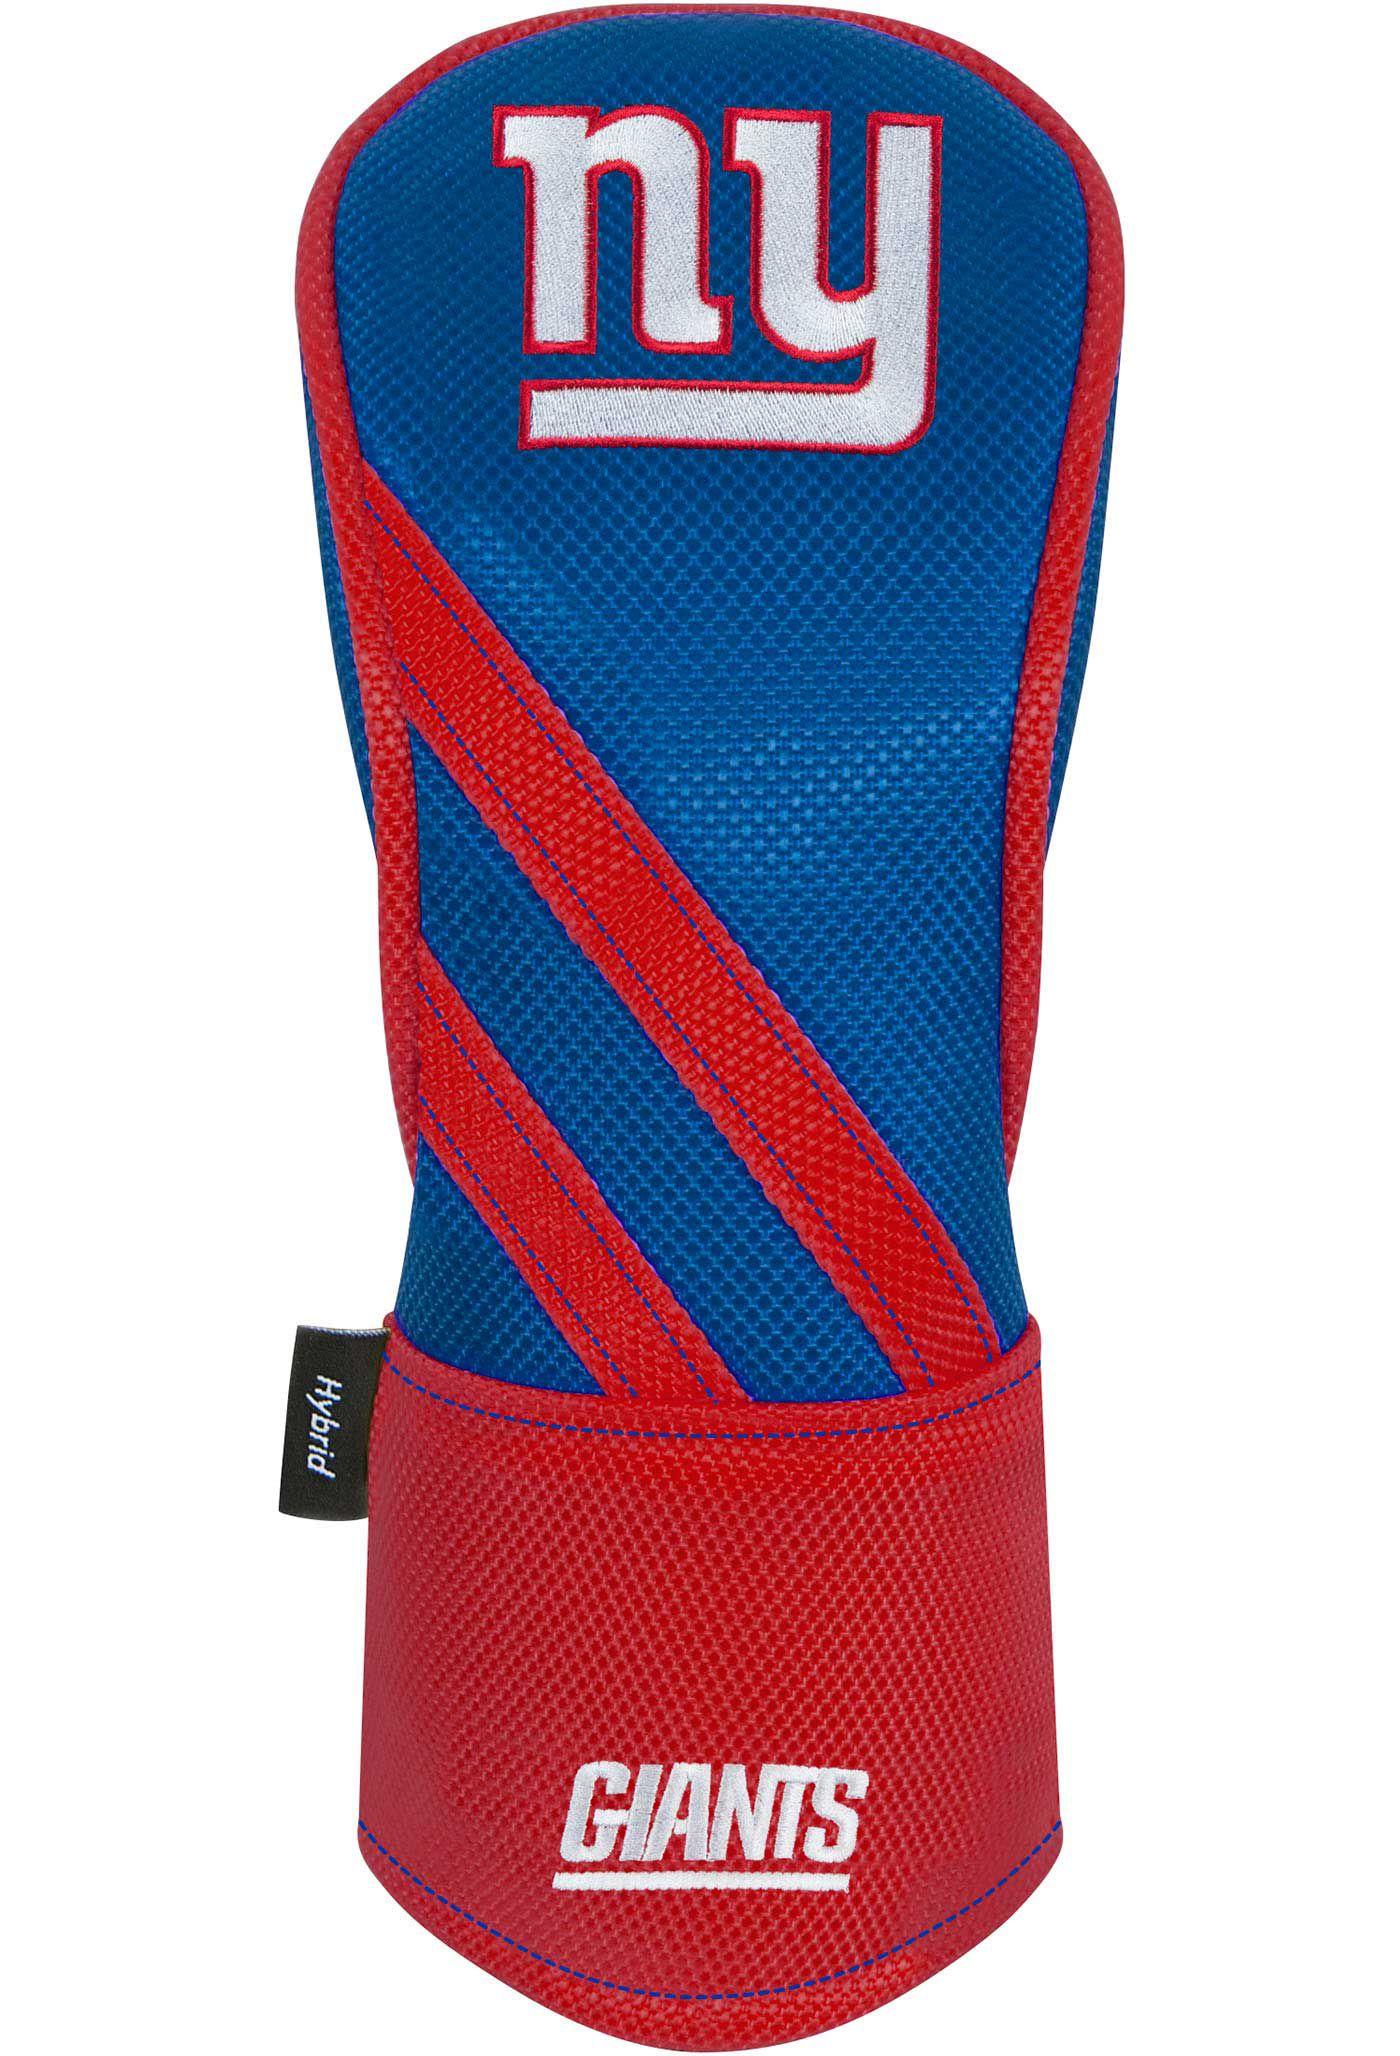 Team Effort New York Giants Hybrid Headcover